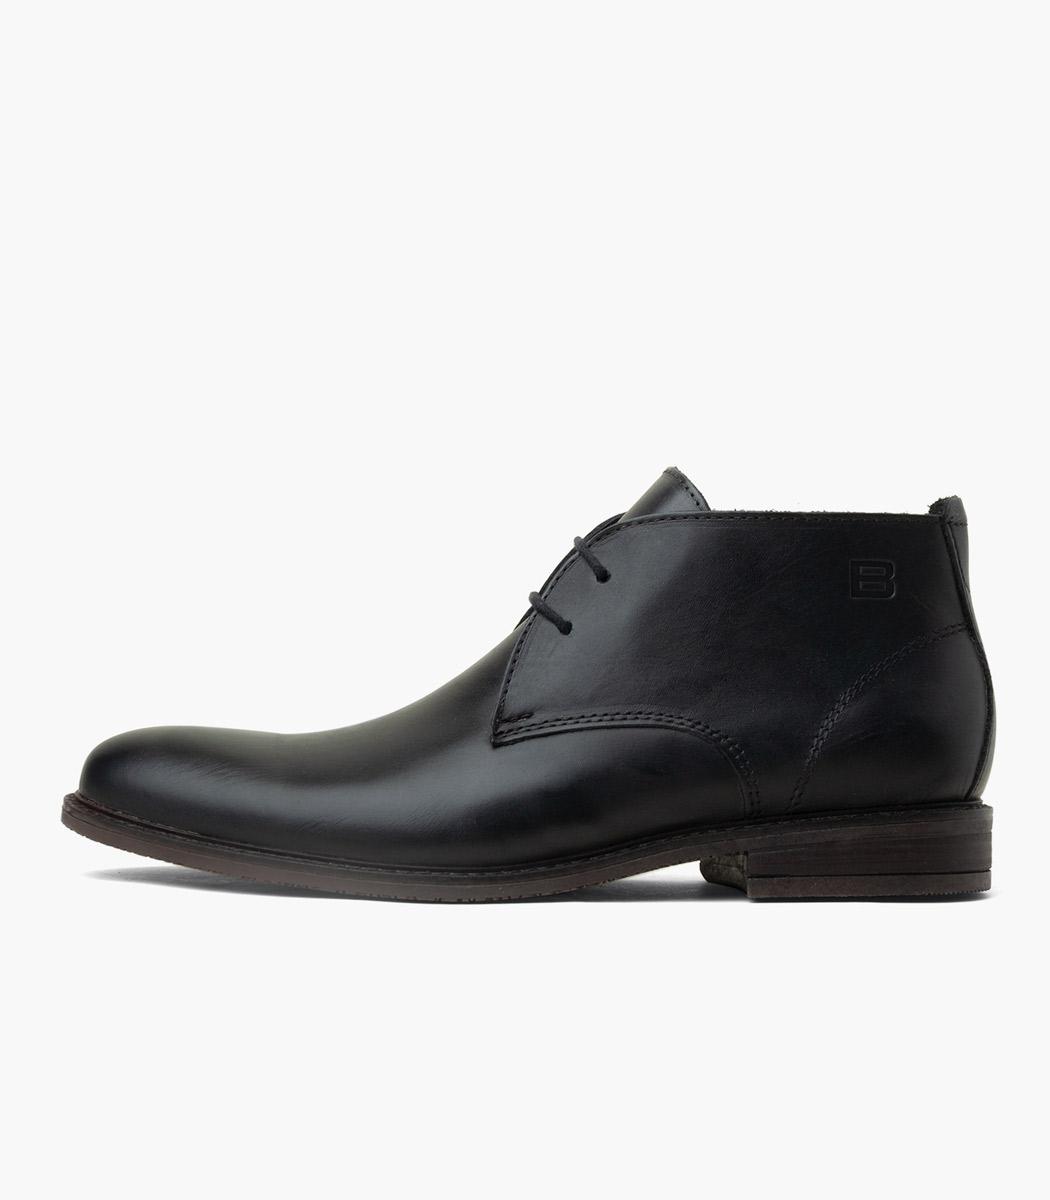 Bota de cuero para hombre BOATING Urban boots